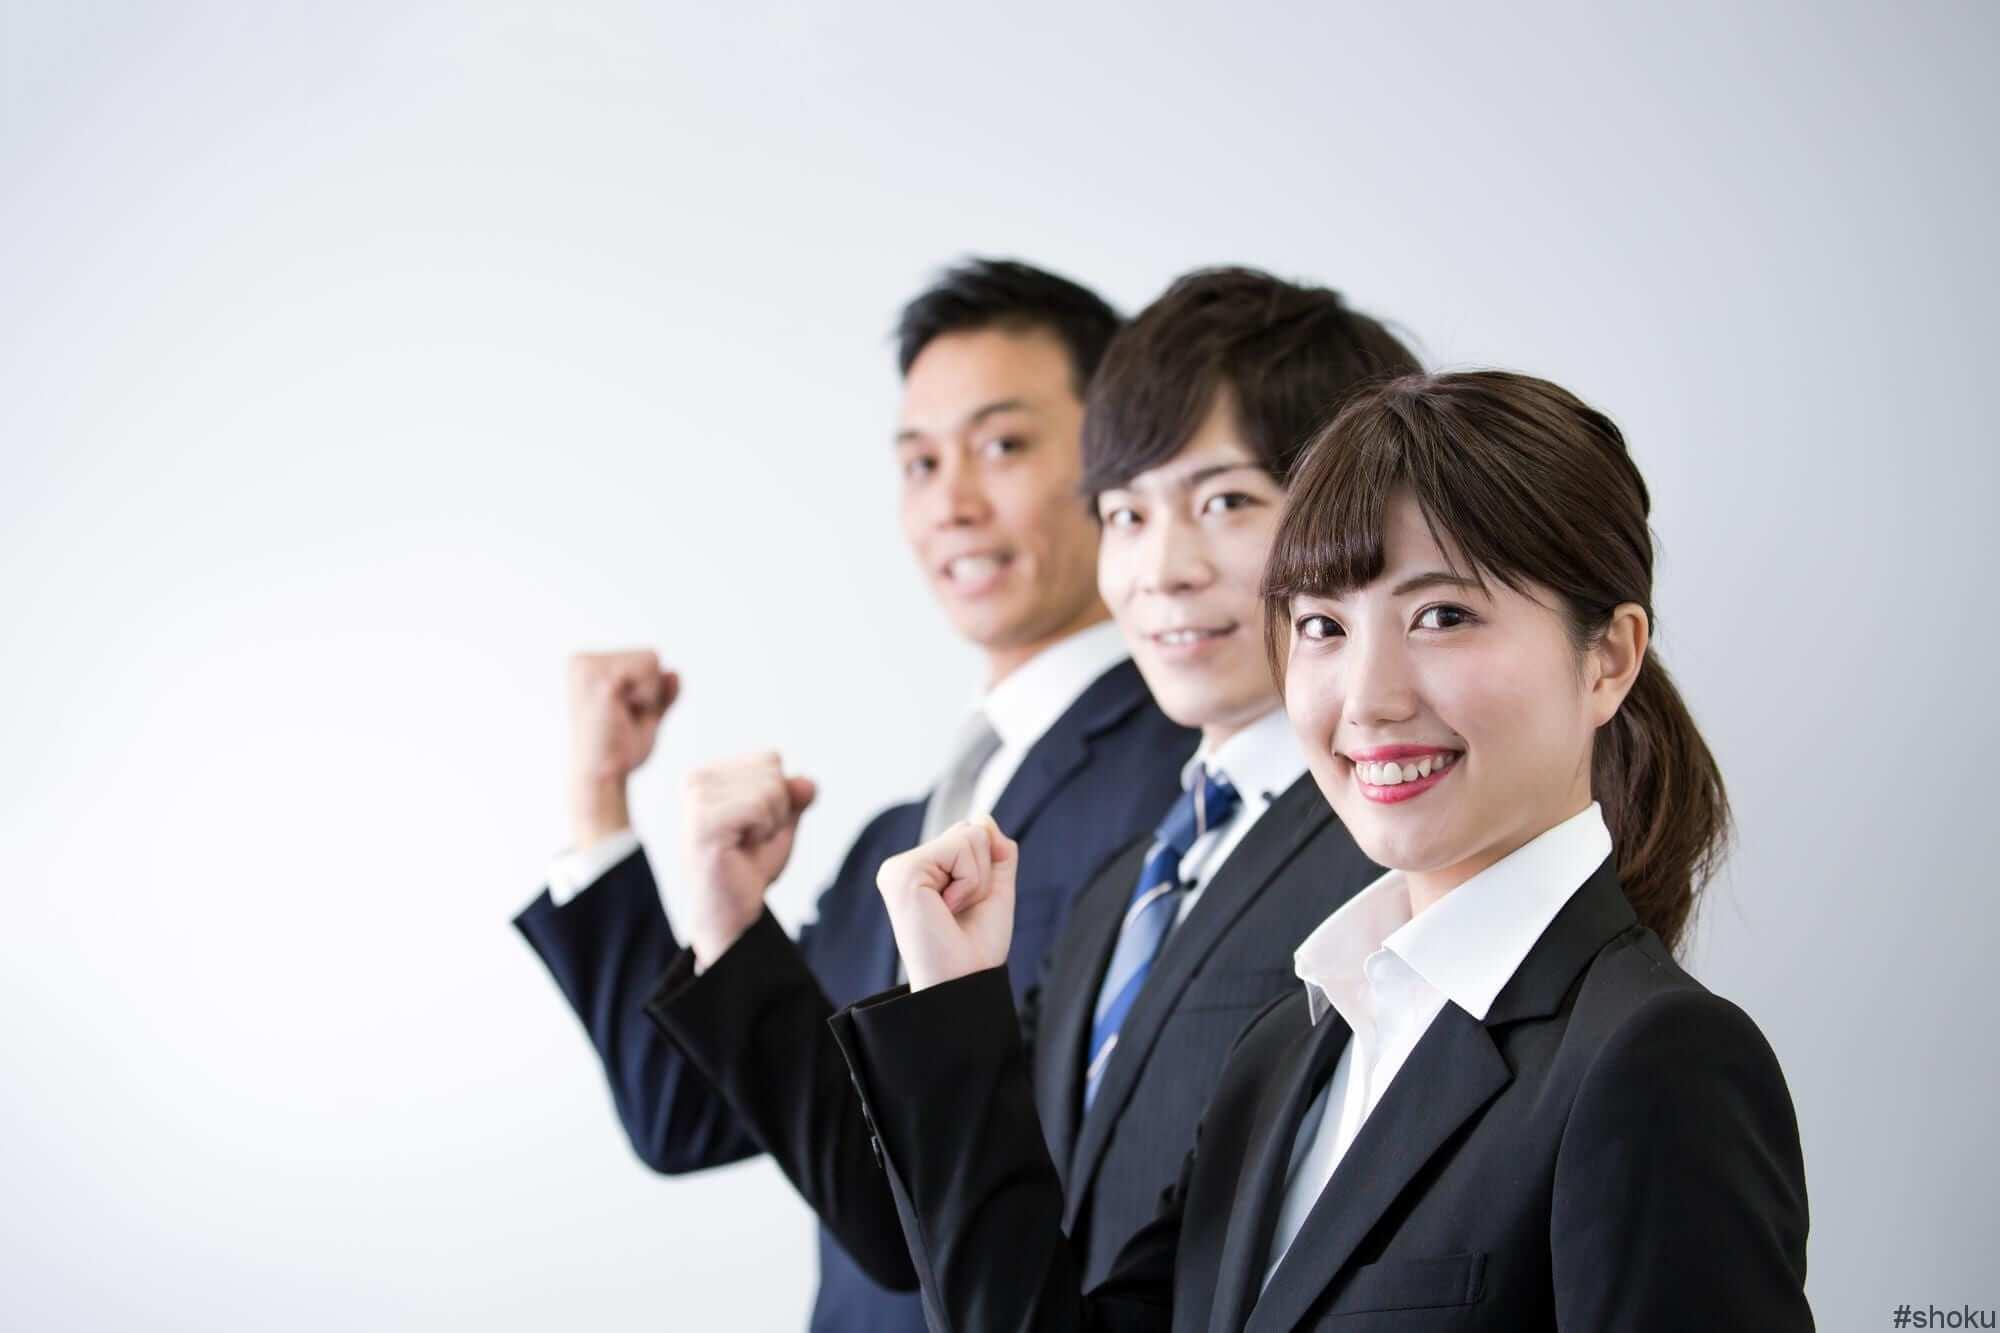 大阪に強い転職サイトでいい求人を見つけて!